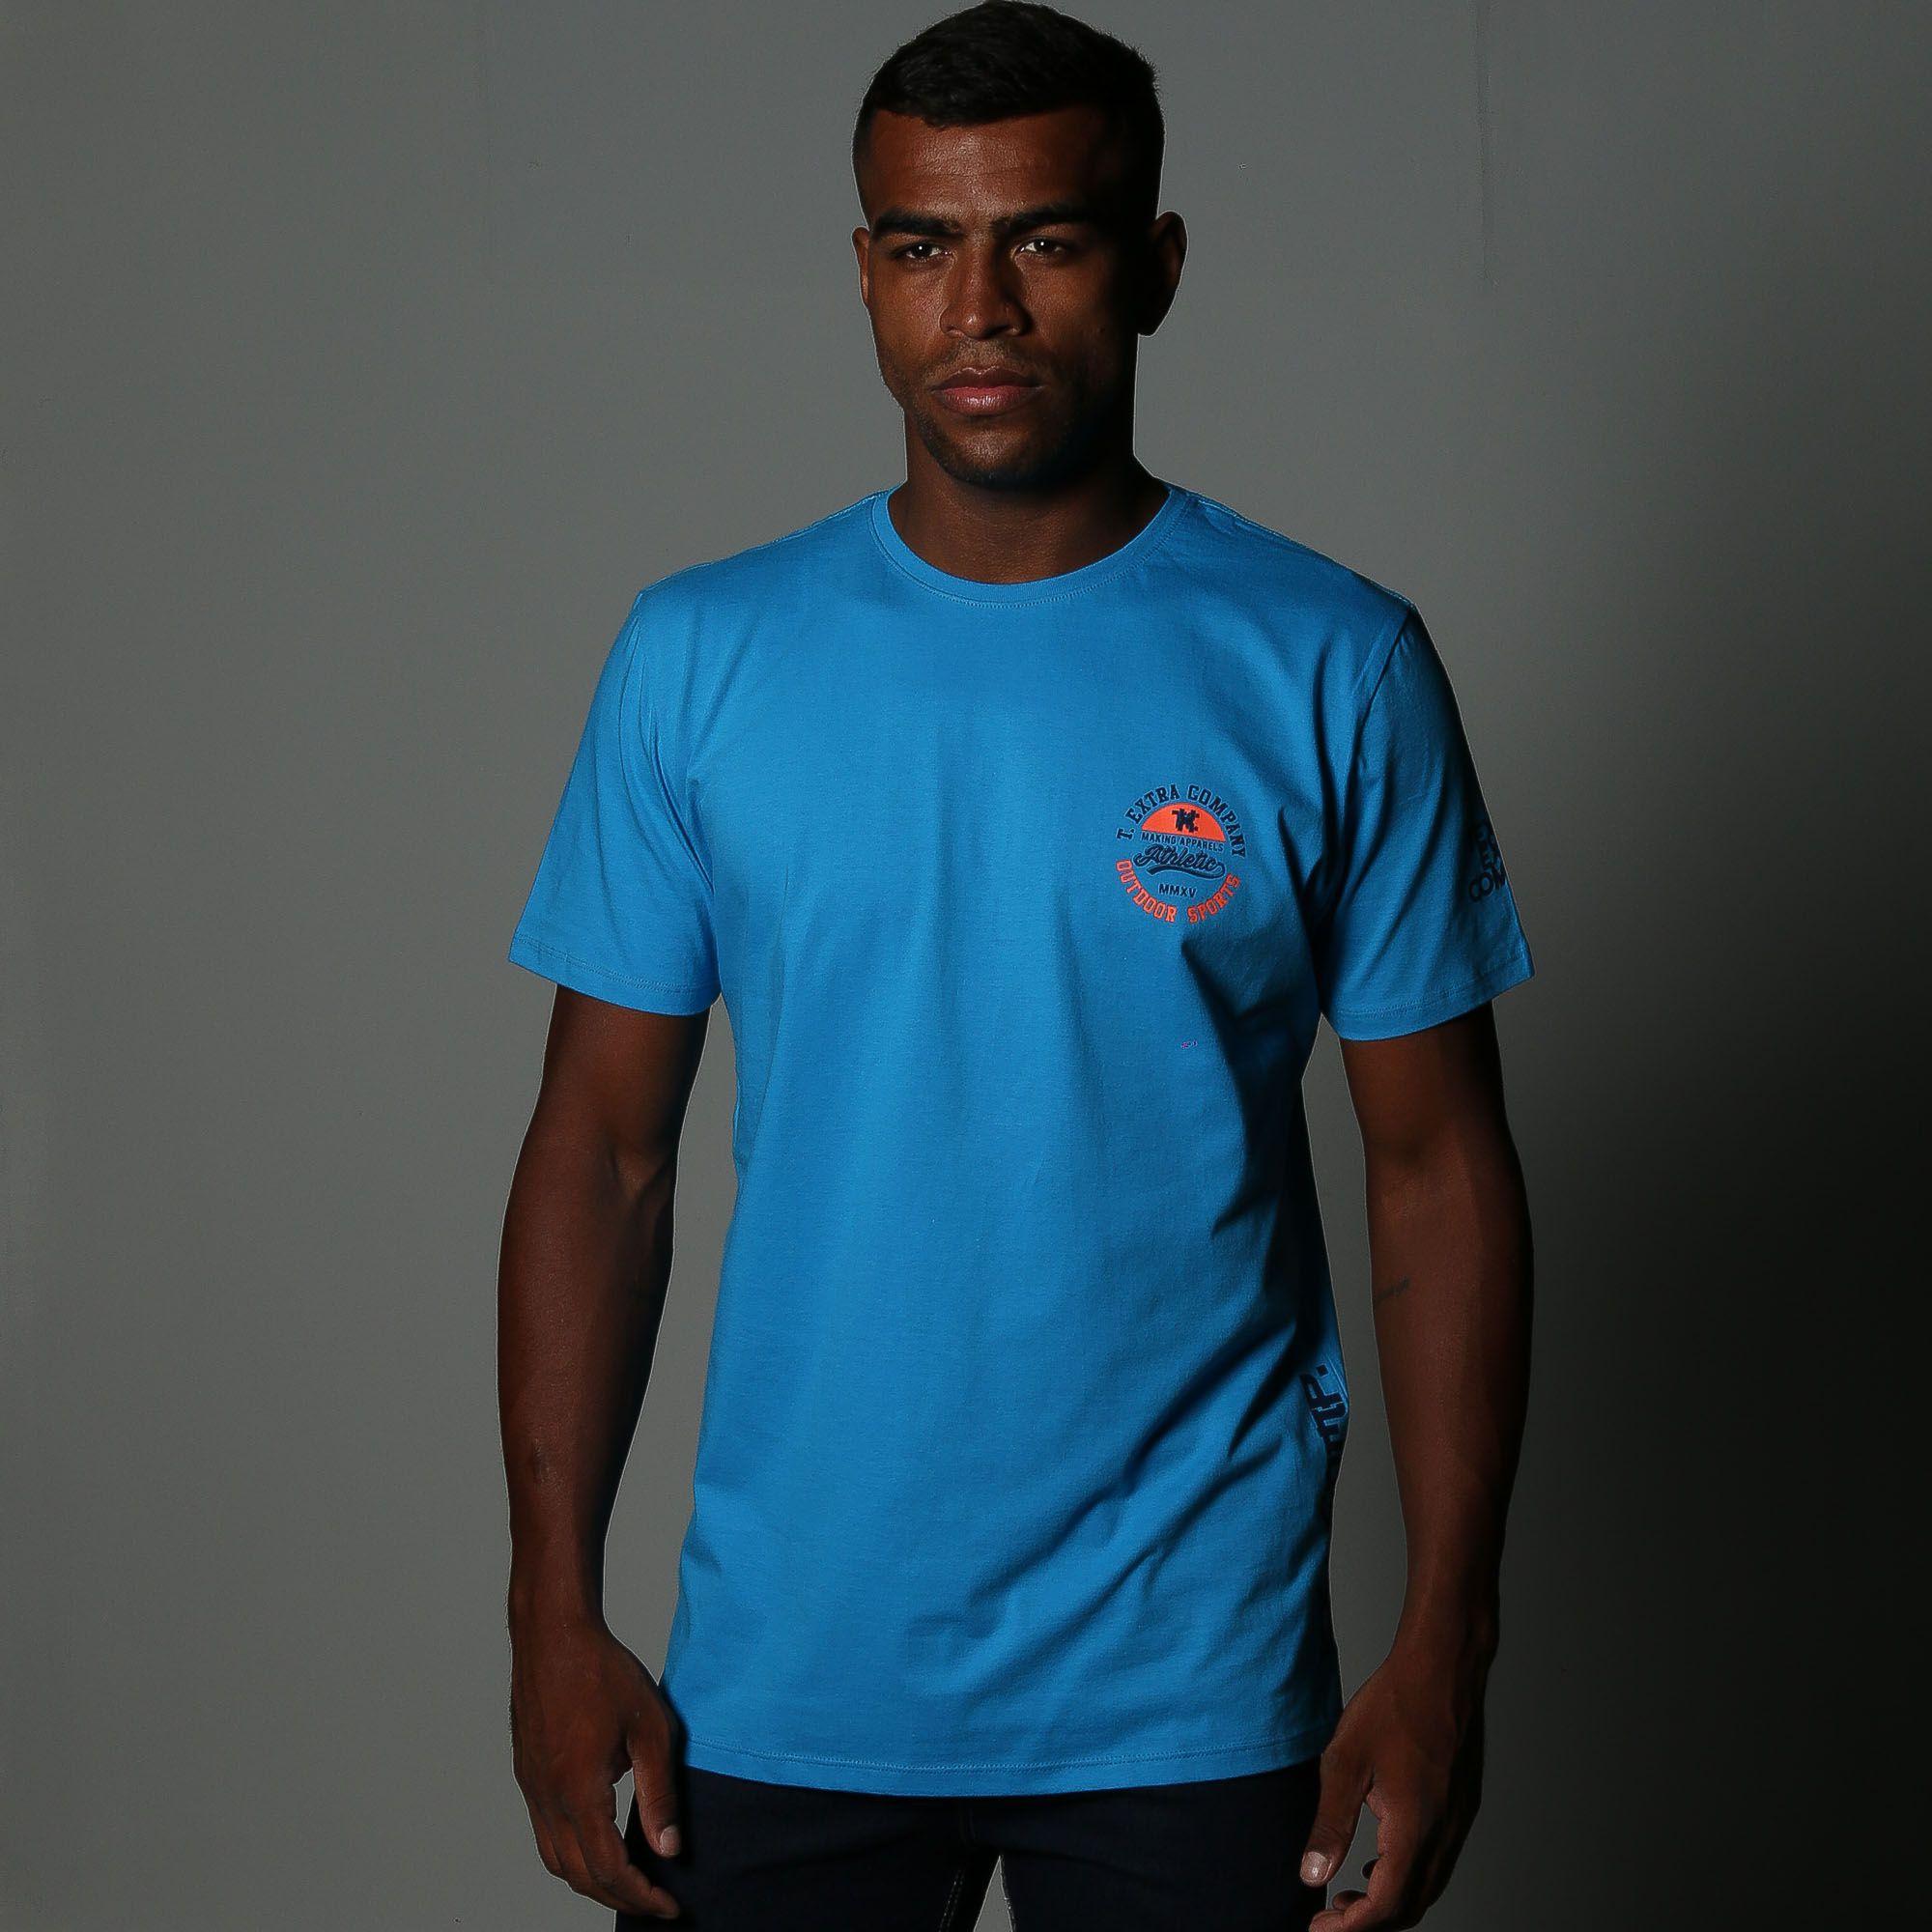 Camiseta TXC Brand 1644